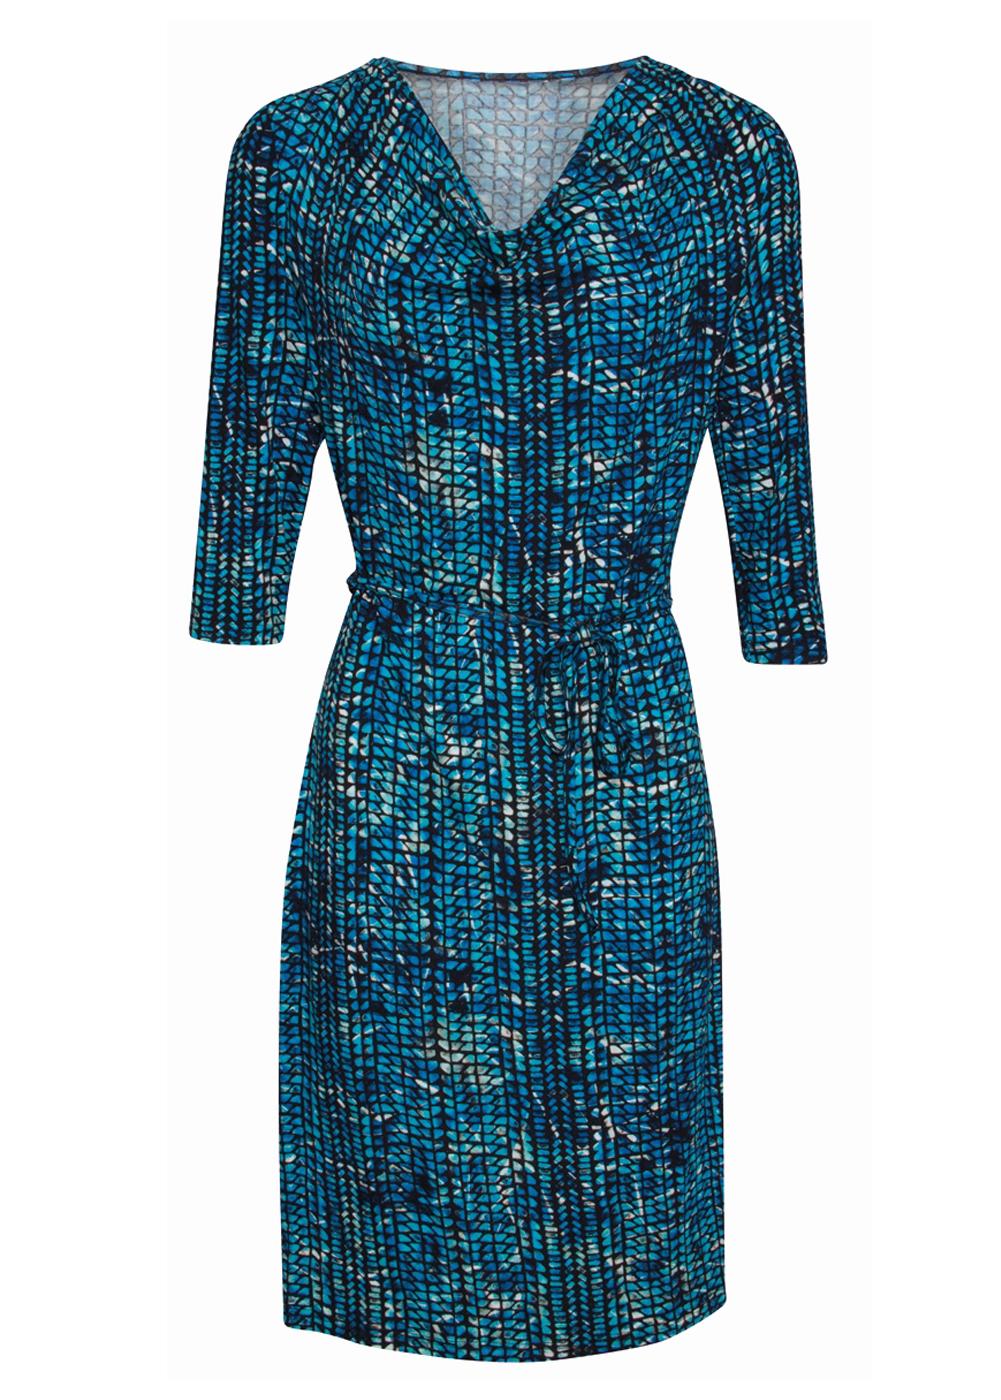 ad1c06bda59d Modré vzorované šaty Smashed Lemon Neila Smashed Lemon